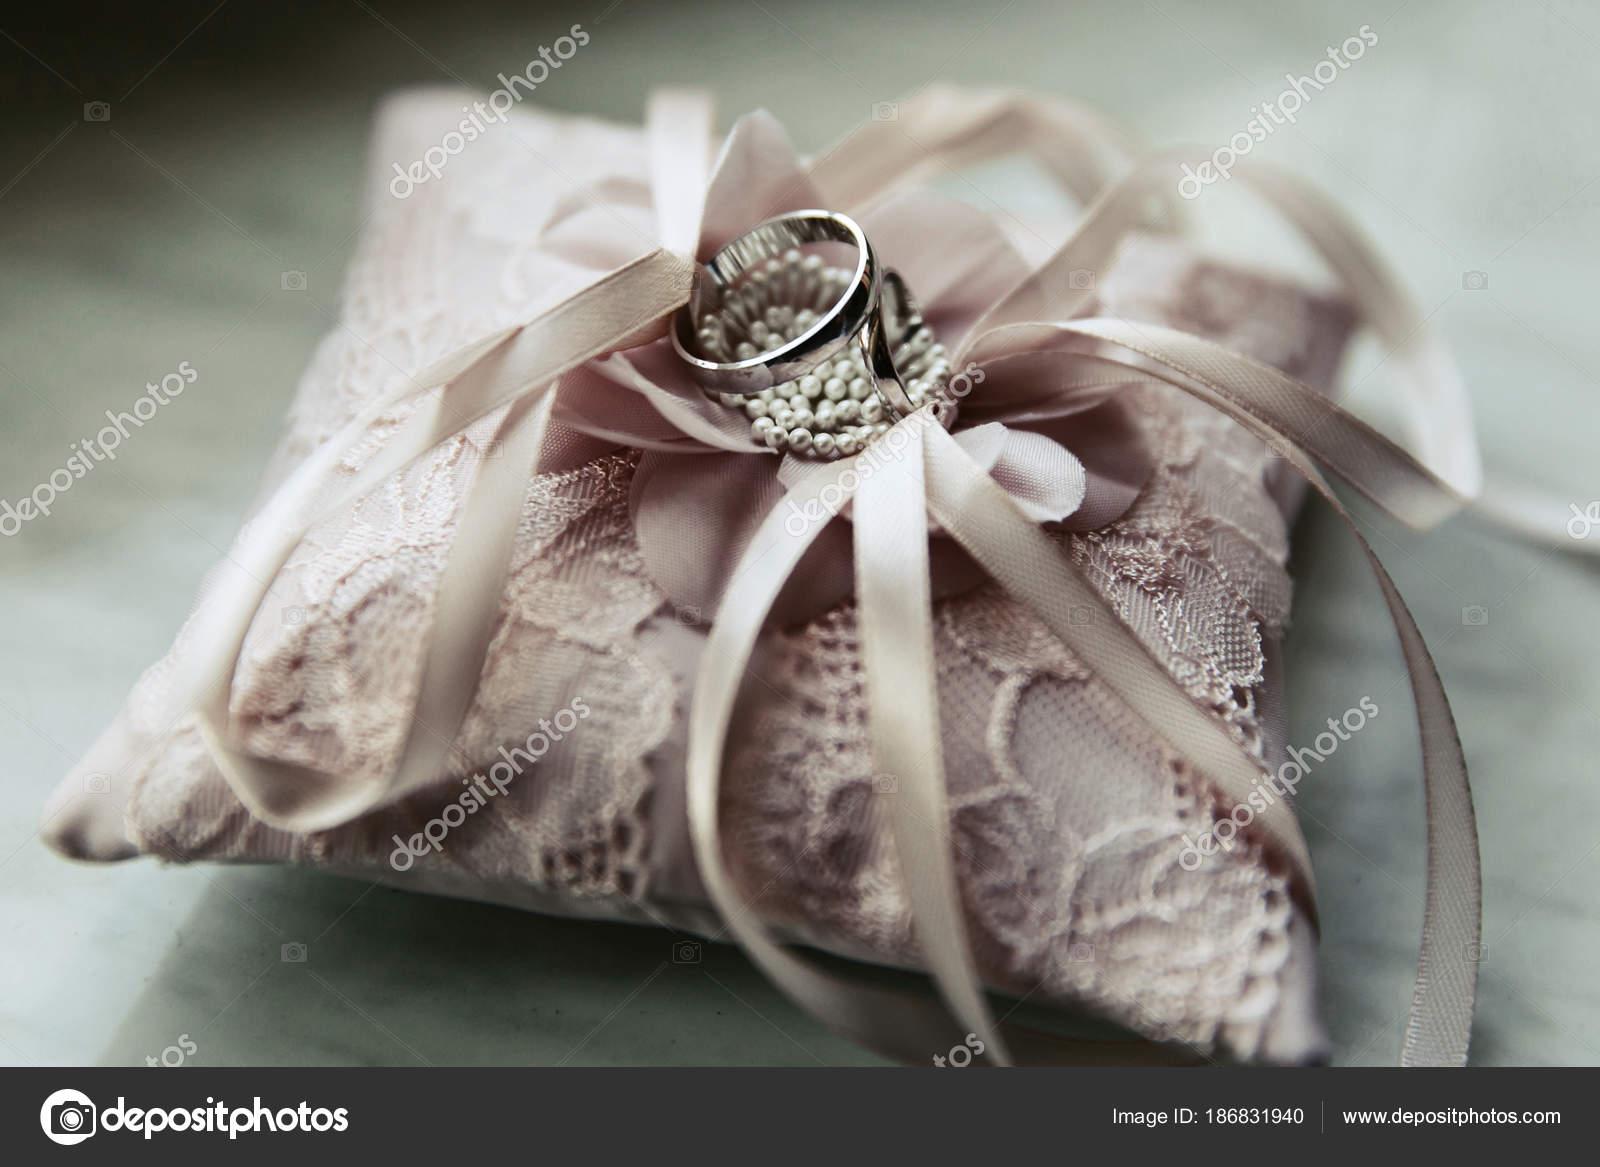 Hochzeit Ringe Aus Weissgold Liegen Auf Rosa Kissen Stockfoto